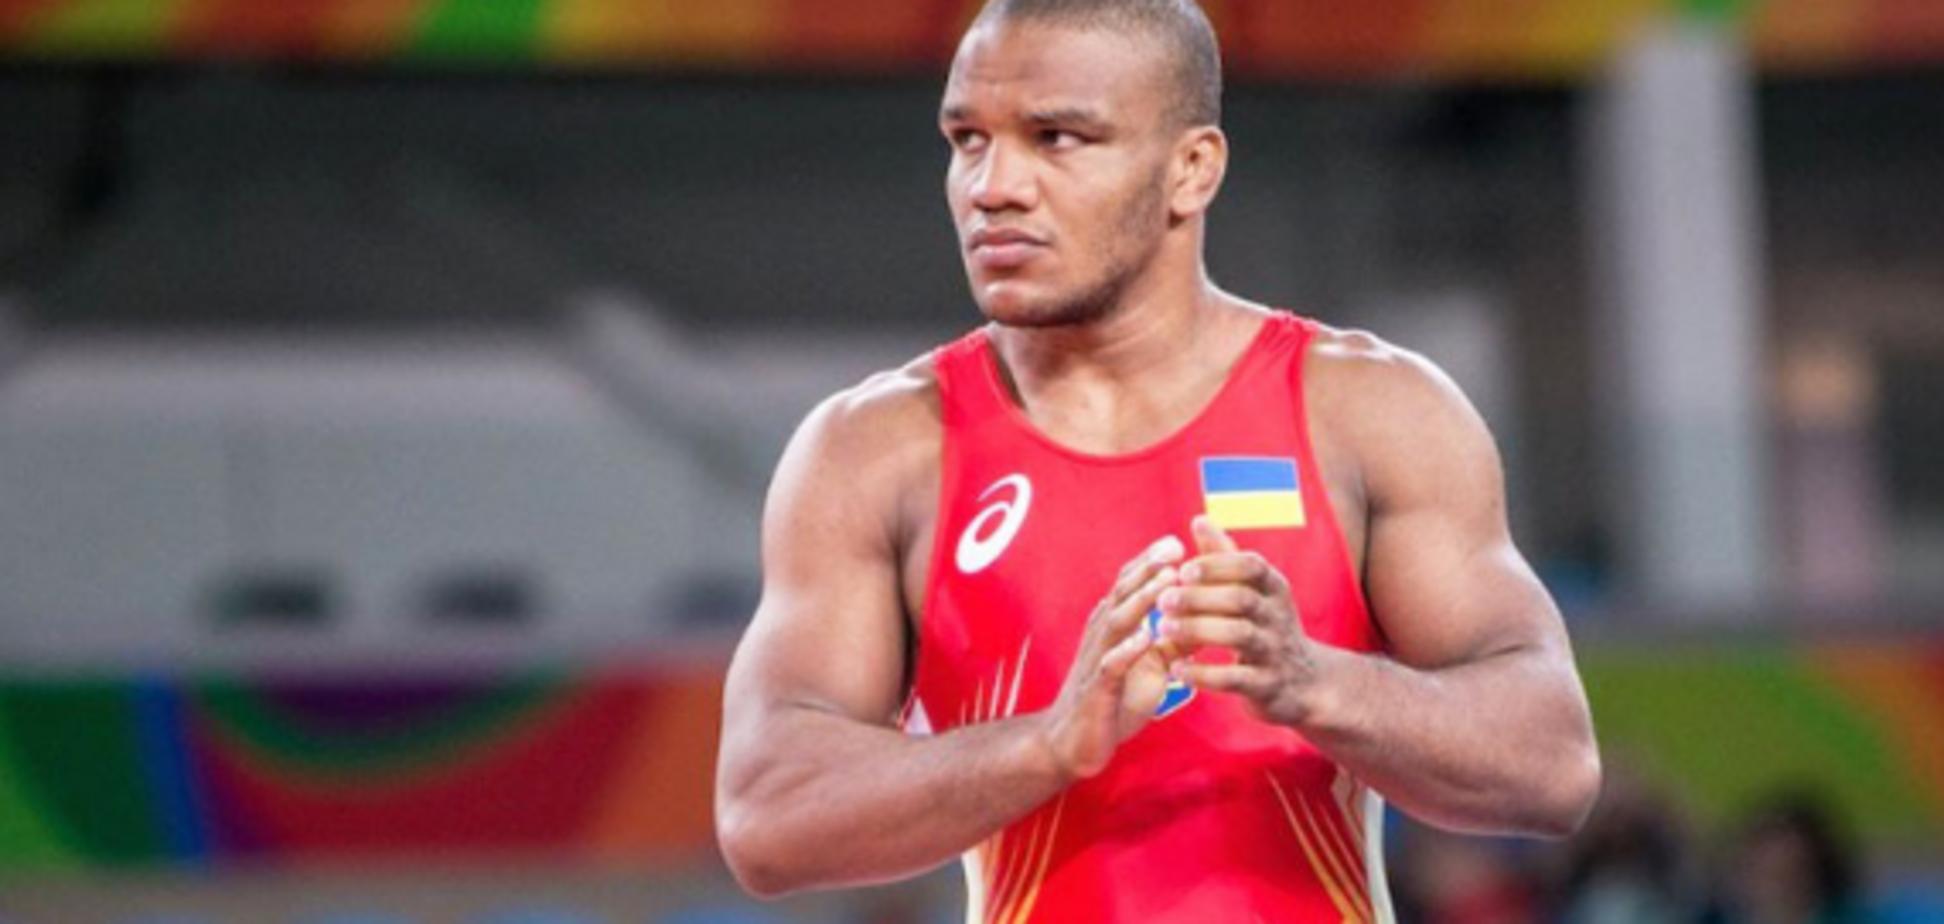 Олімпійський віце-чемпіон Беленюк: якщо Росії дали по руках, значить, заслужили